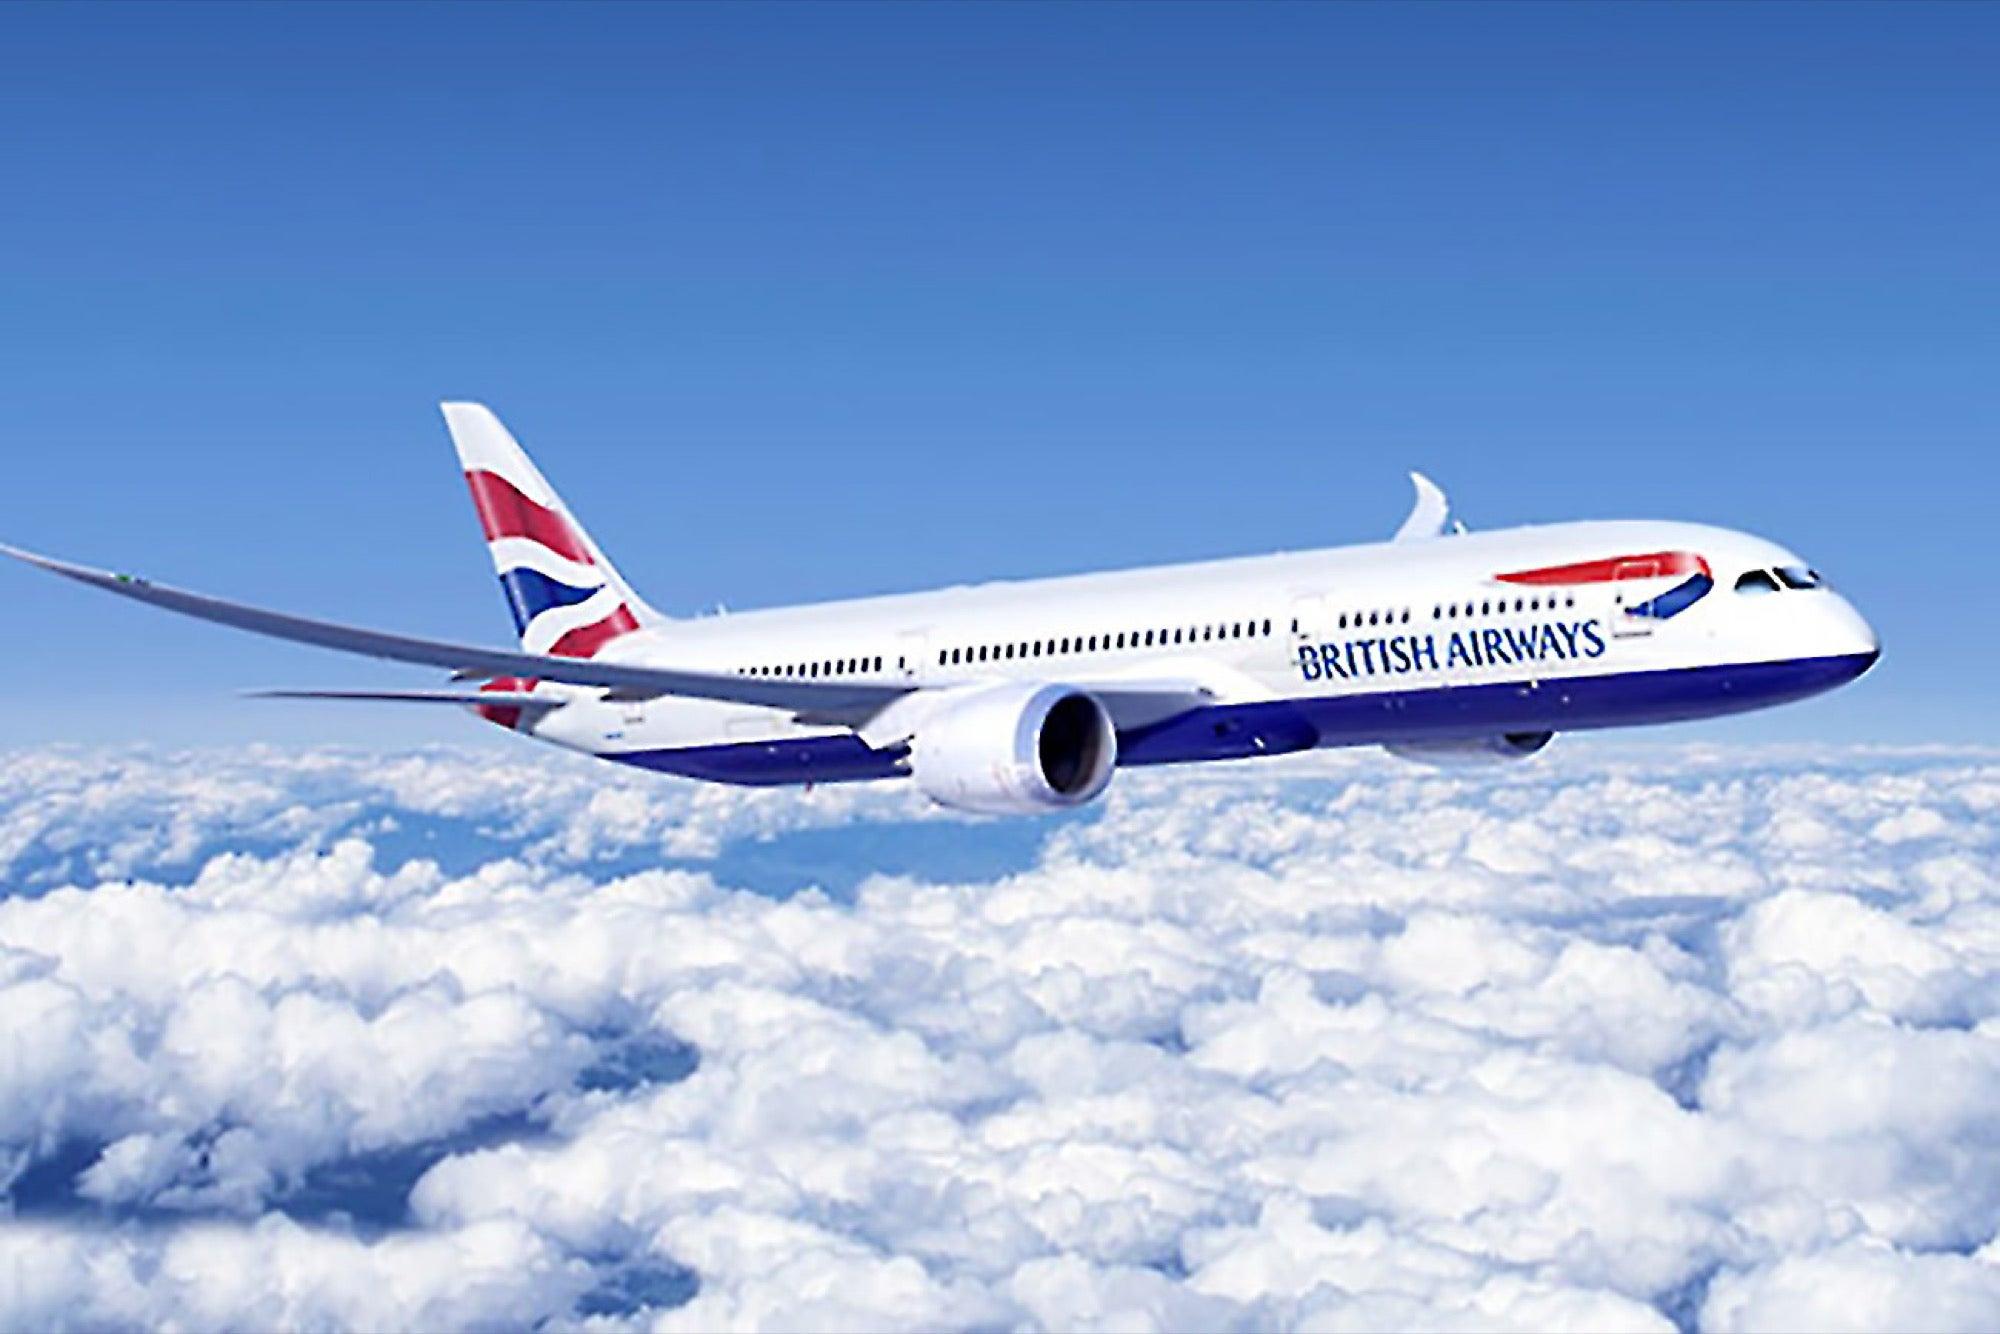 foto Its not just on British Airways